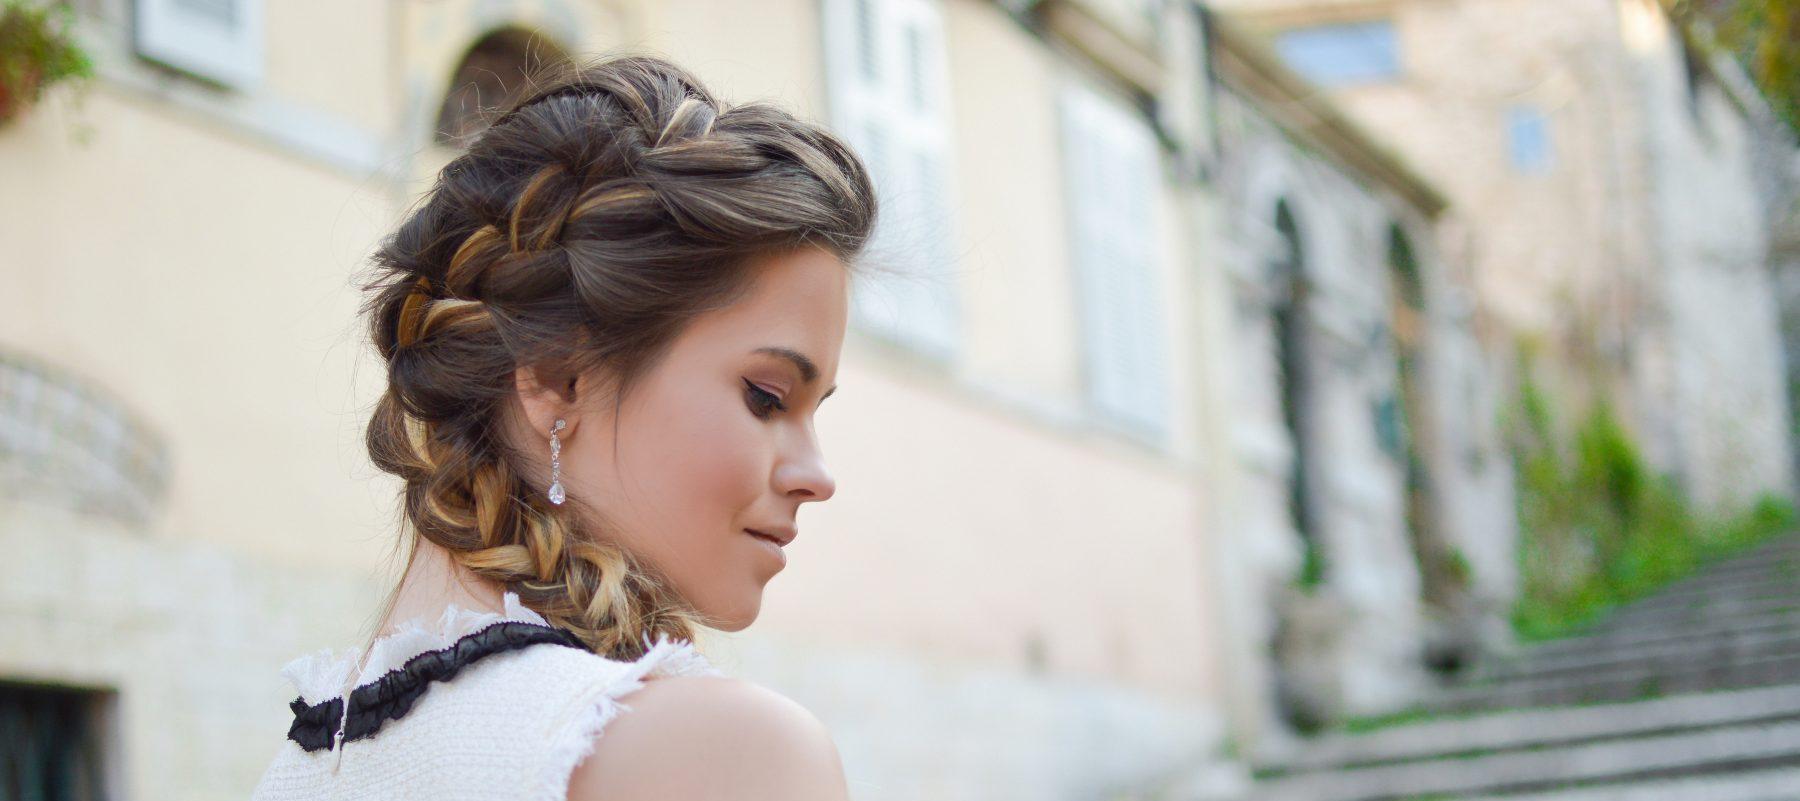 Histoire de Cheveux : salon de coiffure à Rennes